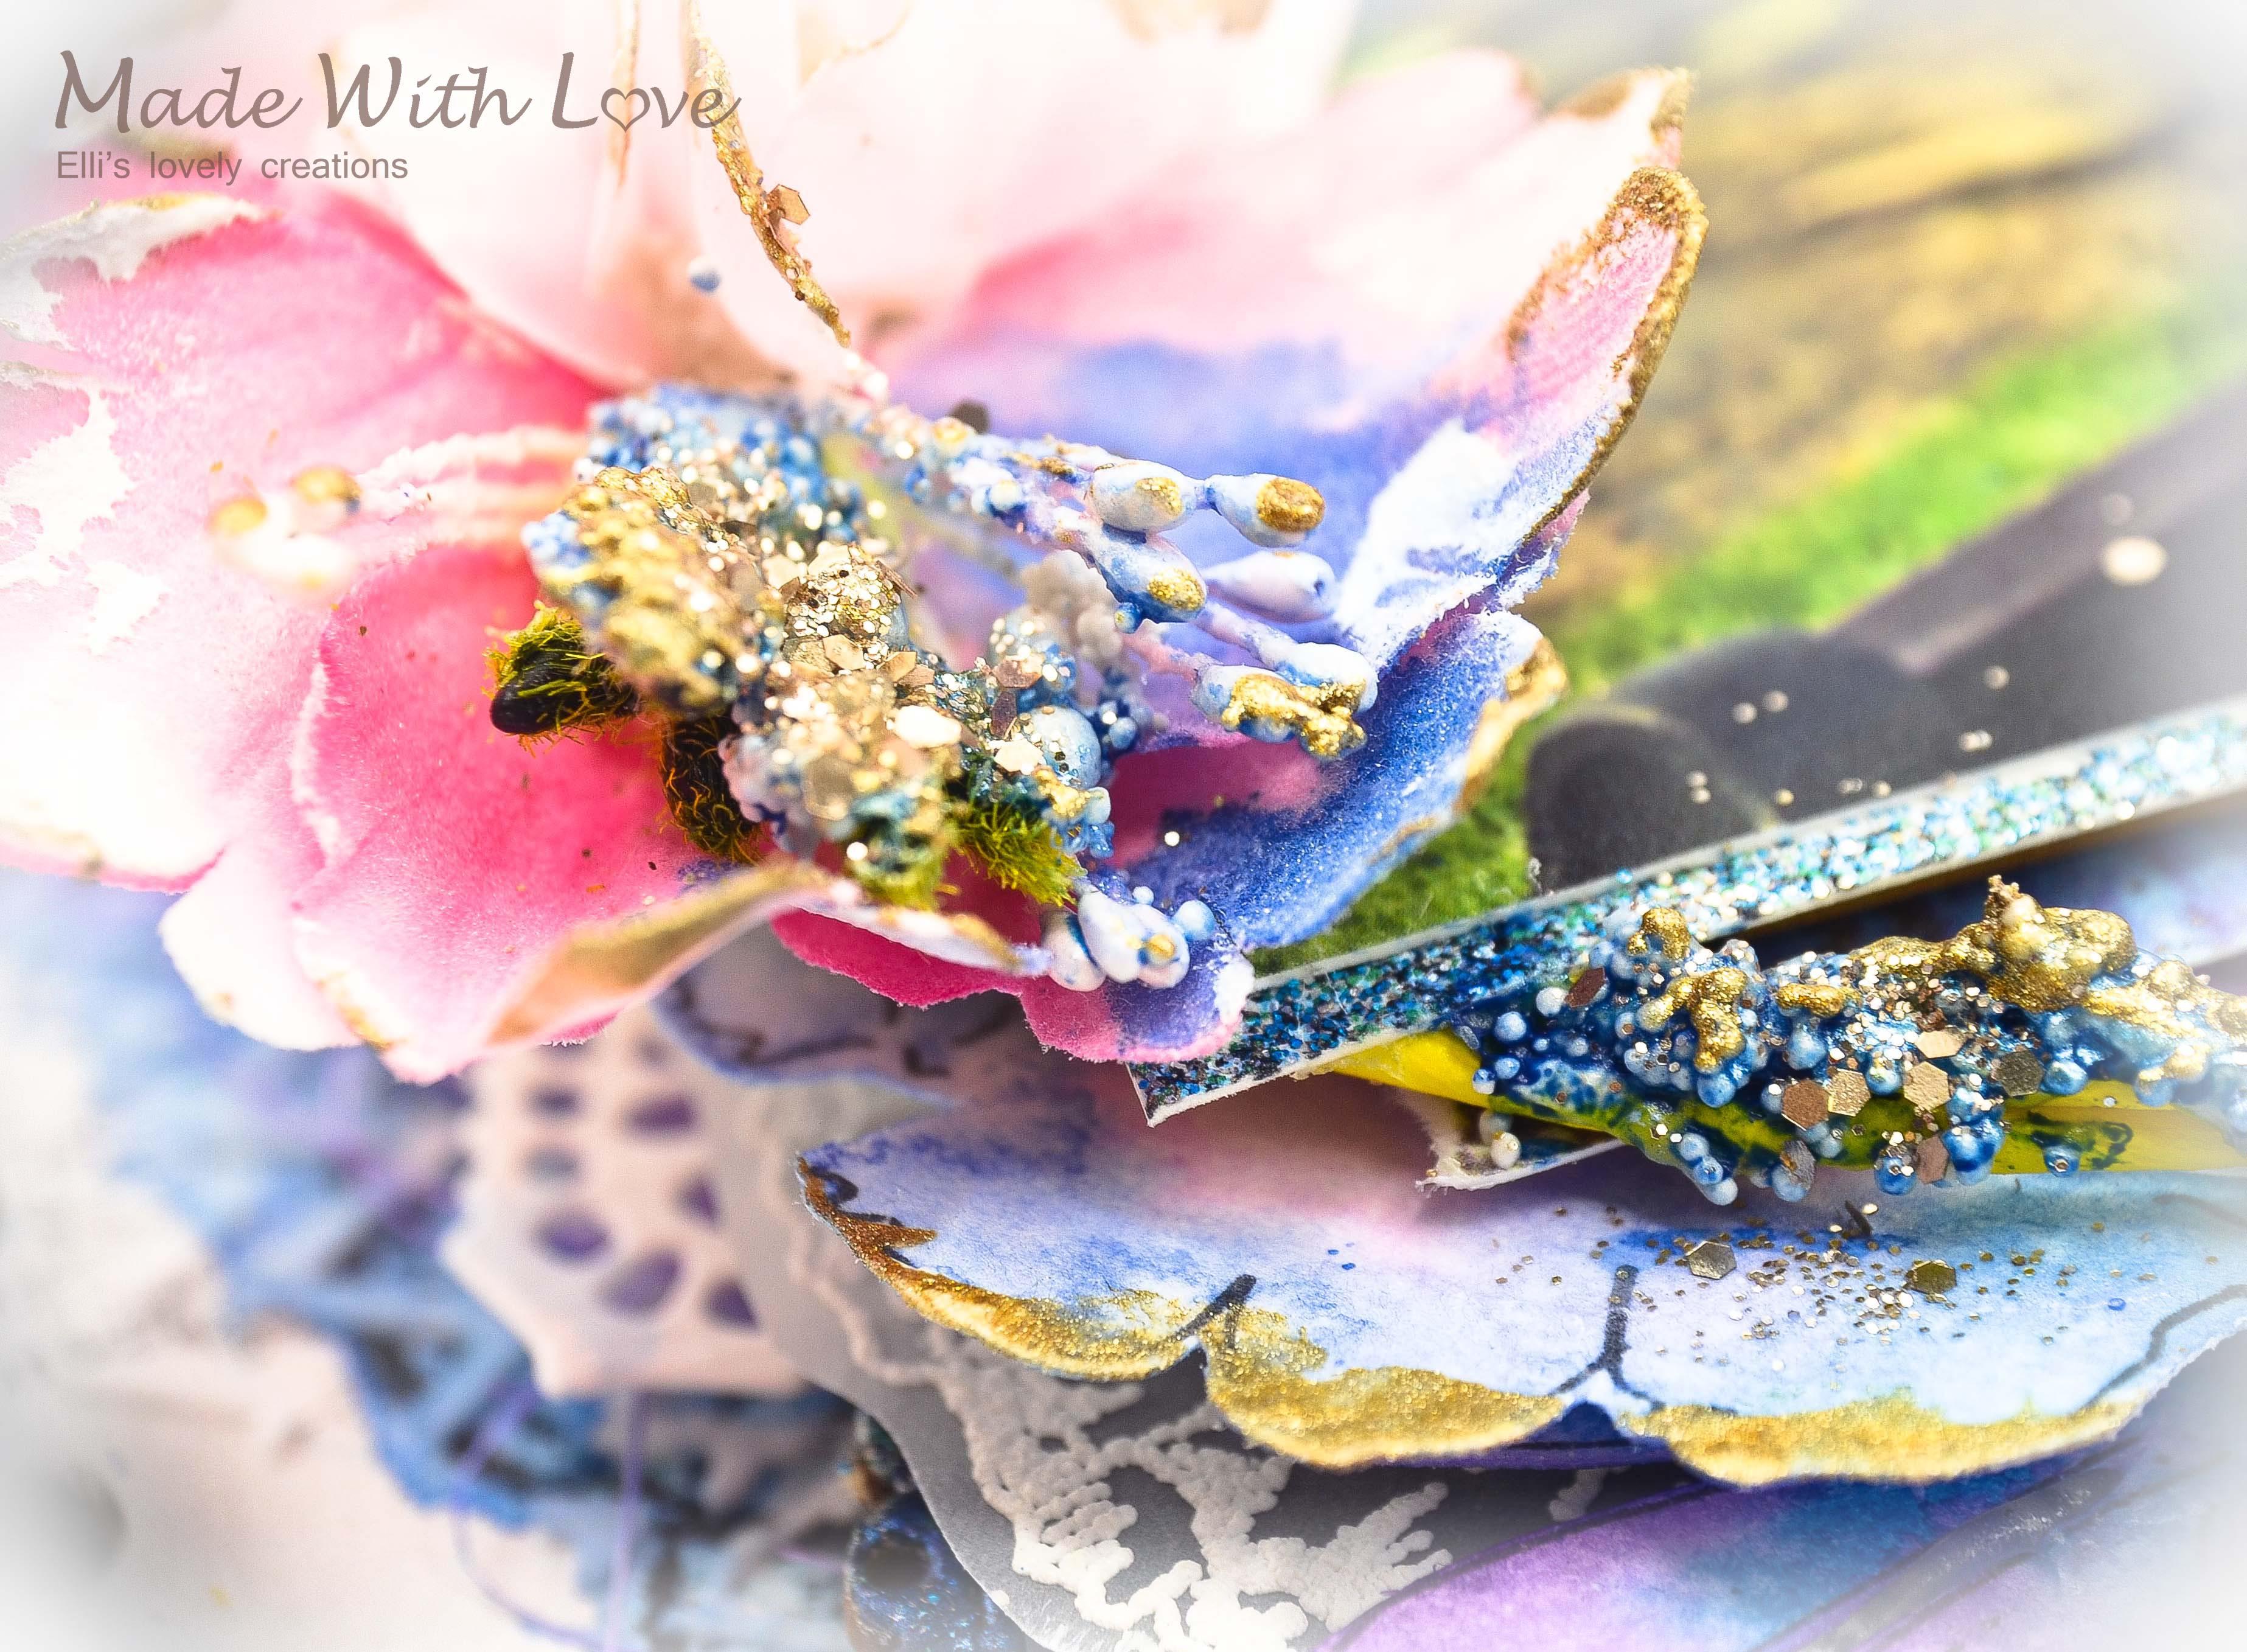 Mixed Media Summer Garden Wedding Album Cover Enjoy 0013